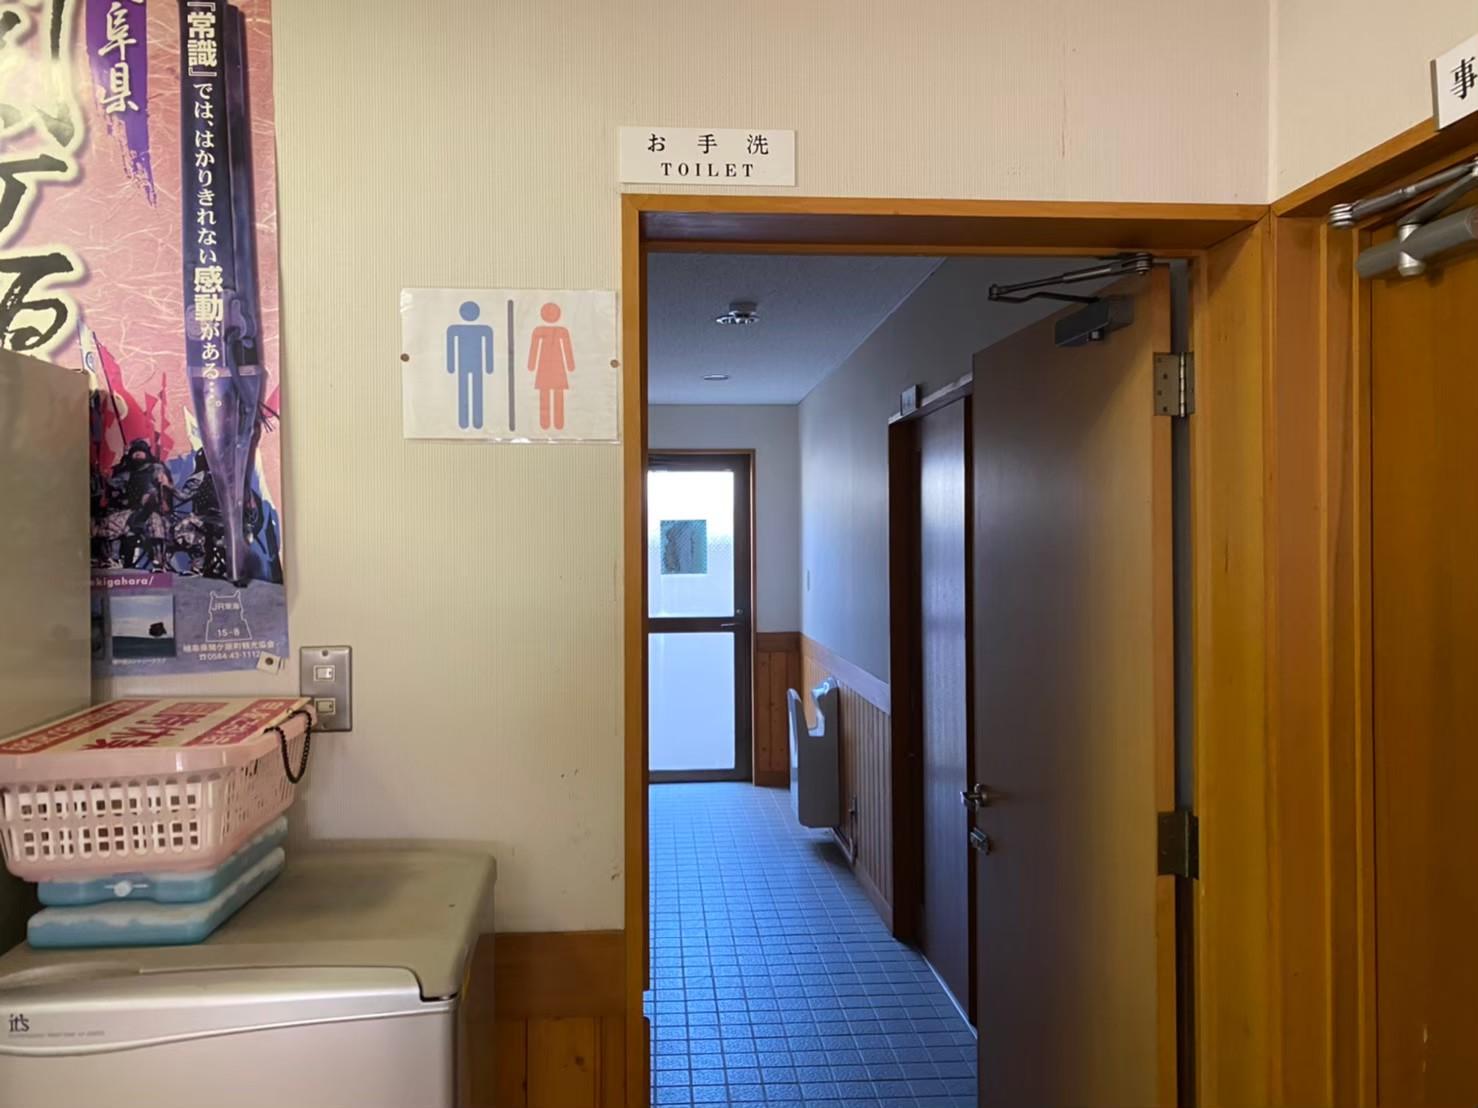 【綺麗で気持ちいい♪|関ケ原町】『グリーン・ウッド関ヶ原』攻略ガイド(駐車場・トイレ)